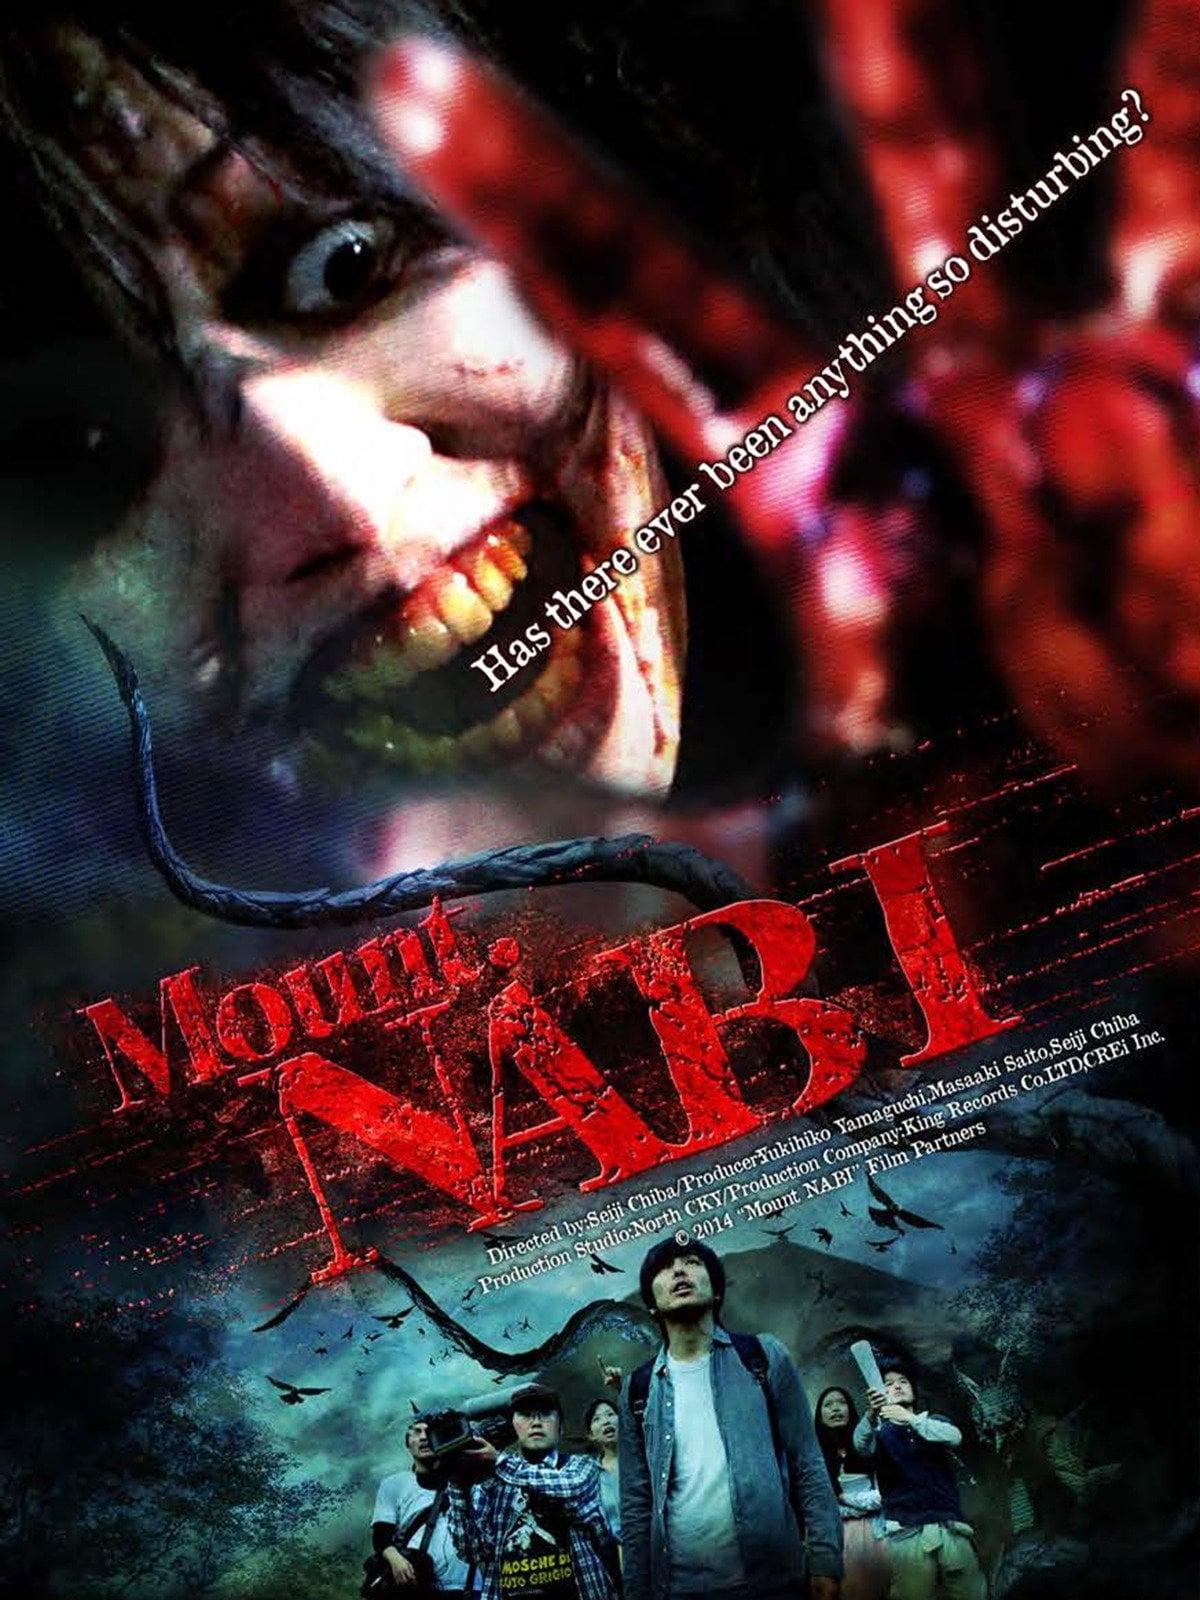 Mount. Nabi